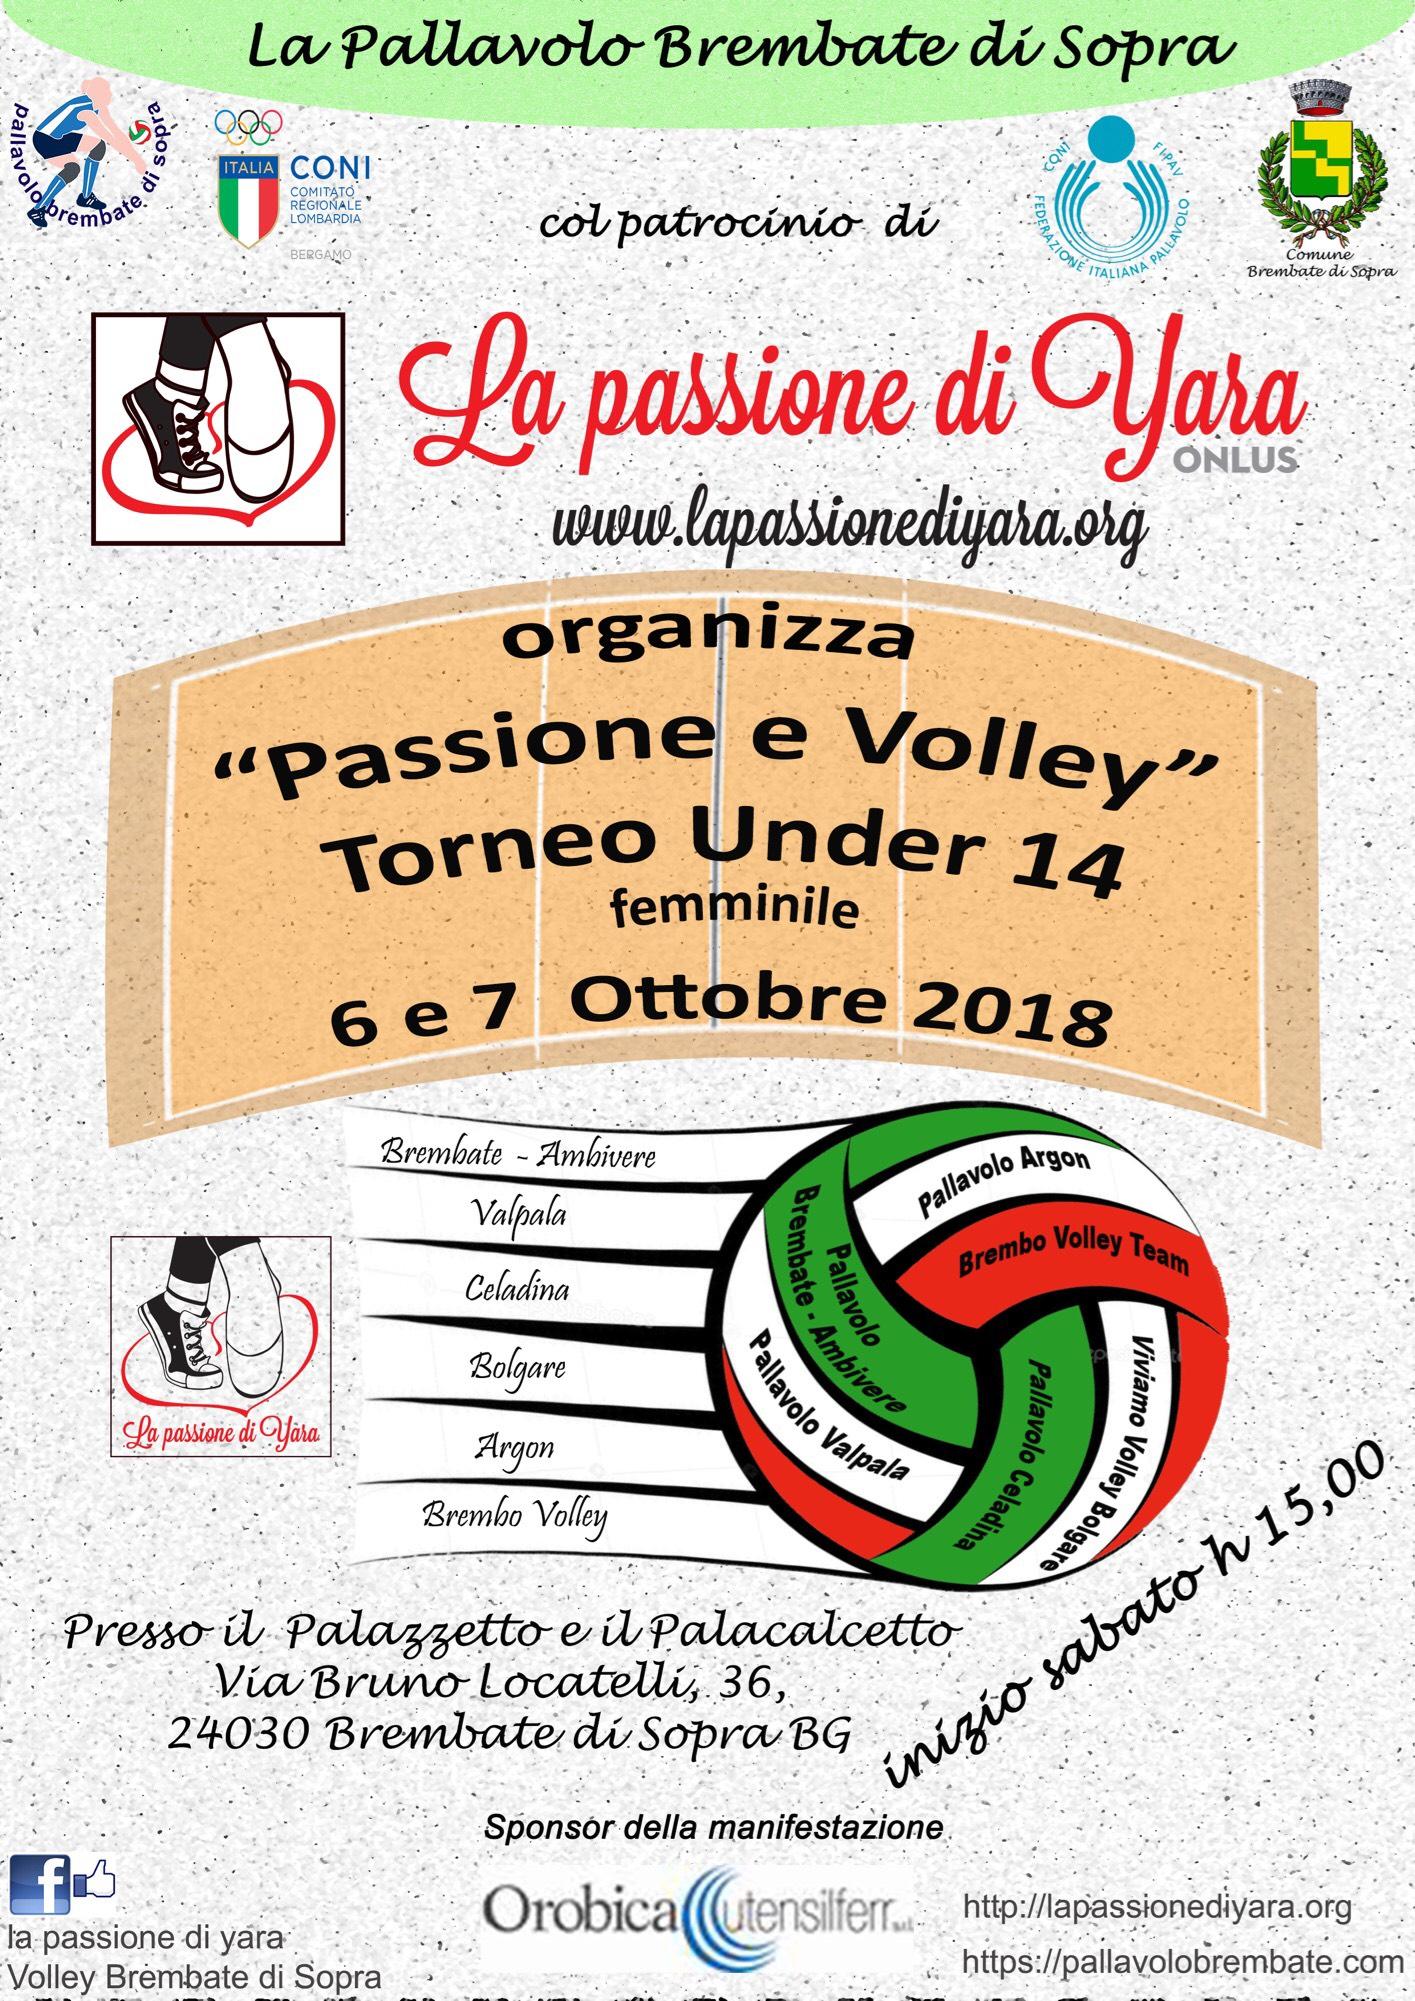 Passione e Volley: a Brembate un torneo il 6 e il 7 Ottobre